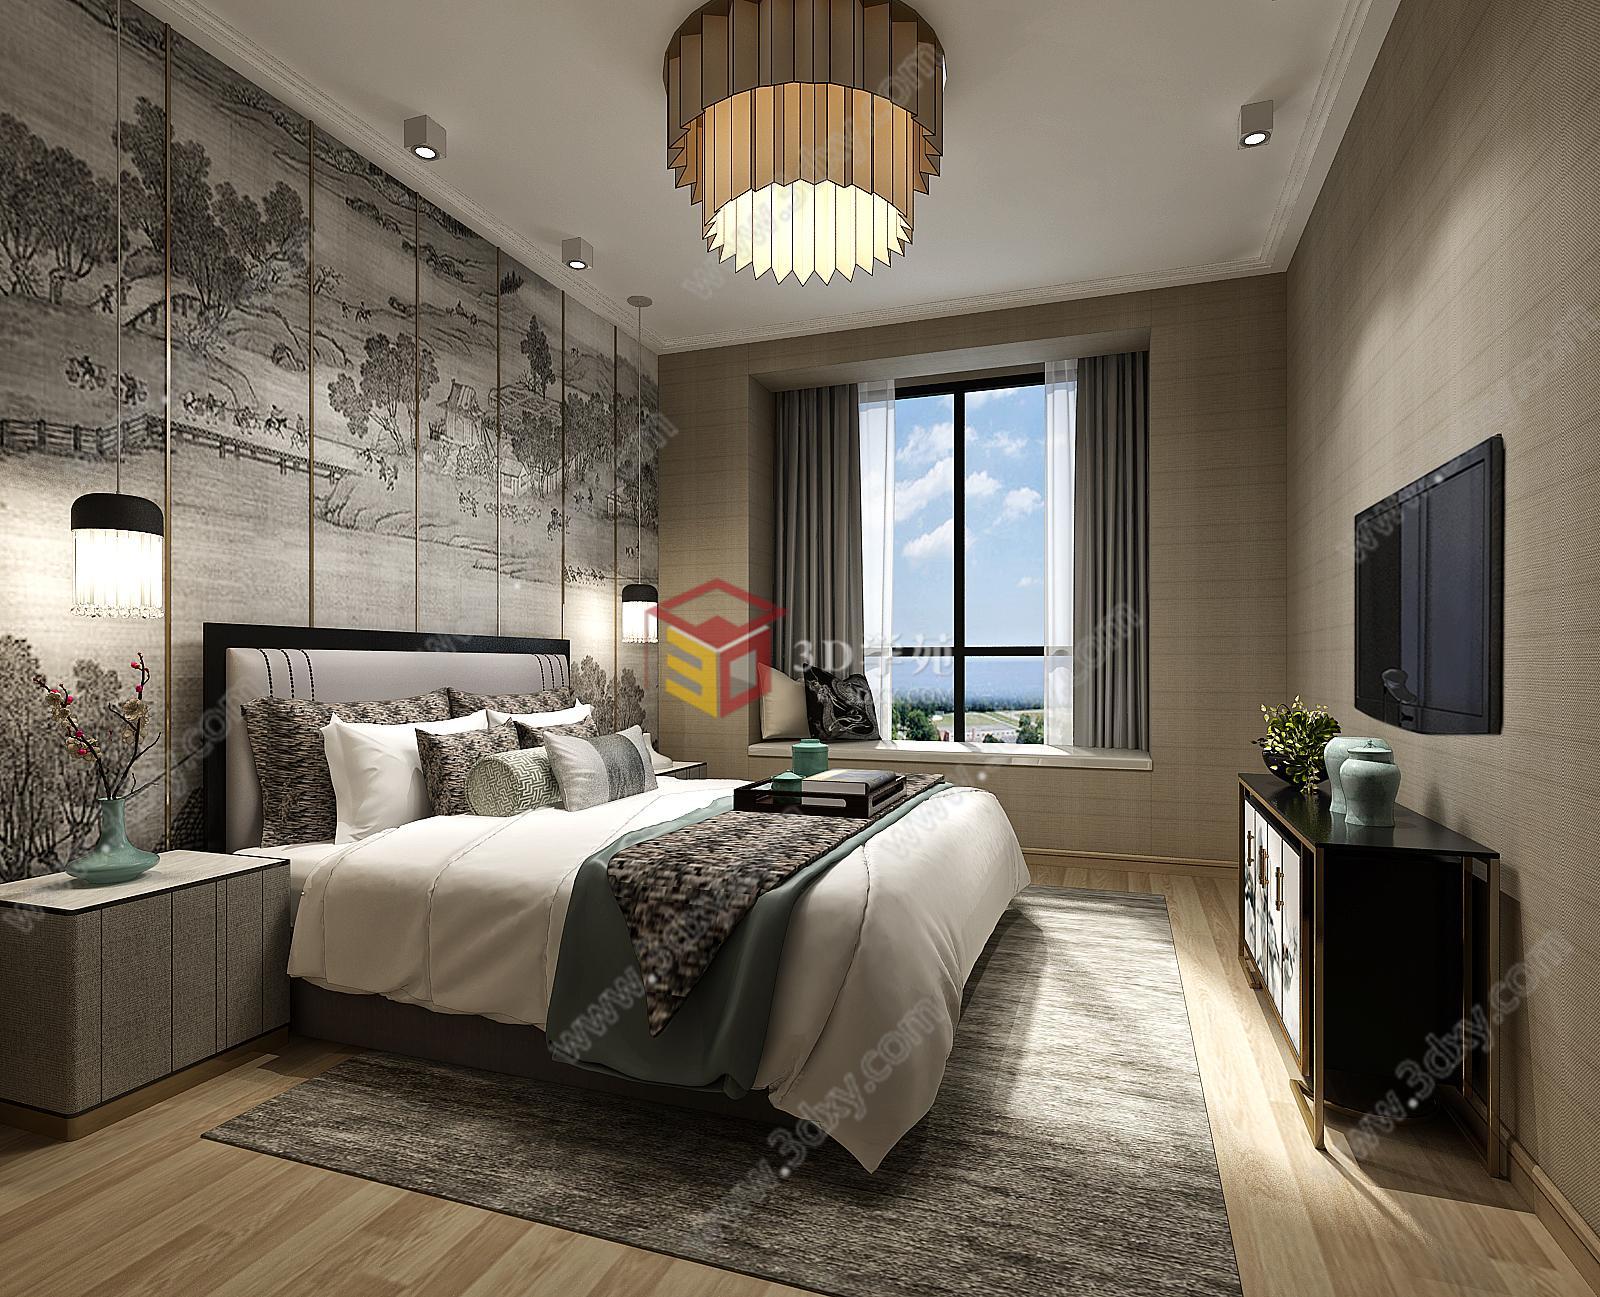 家装整体模型 卧室整体模型 中式卧室整体模型